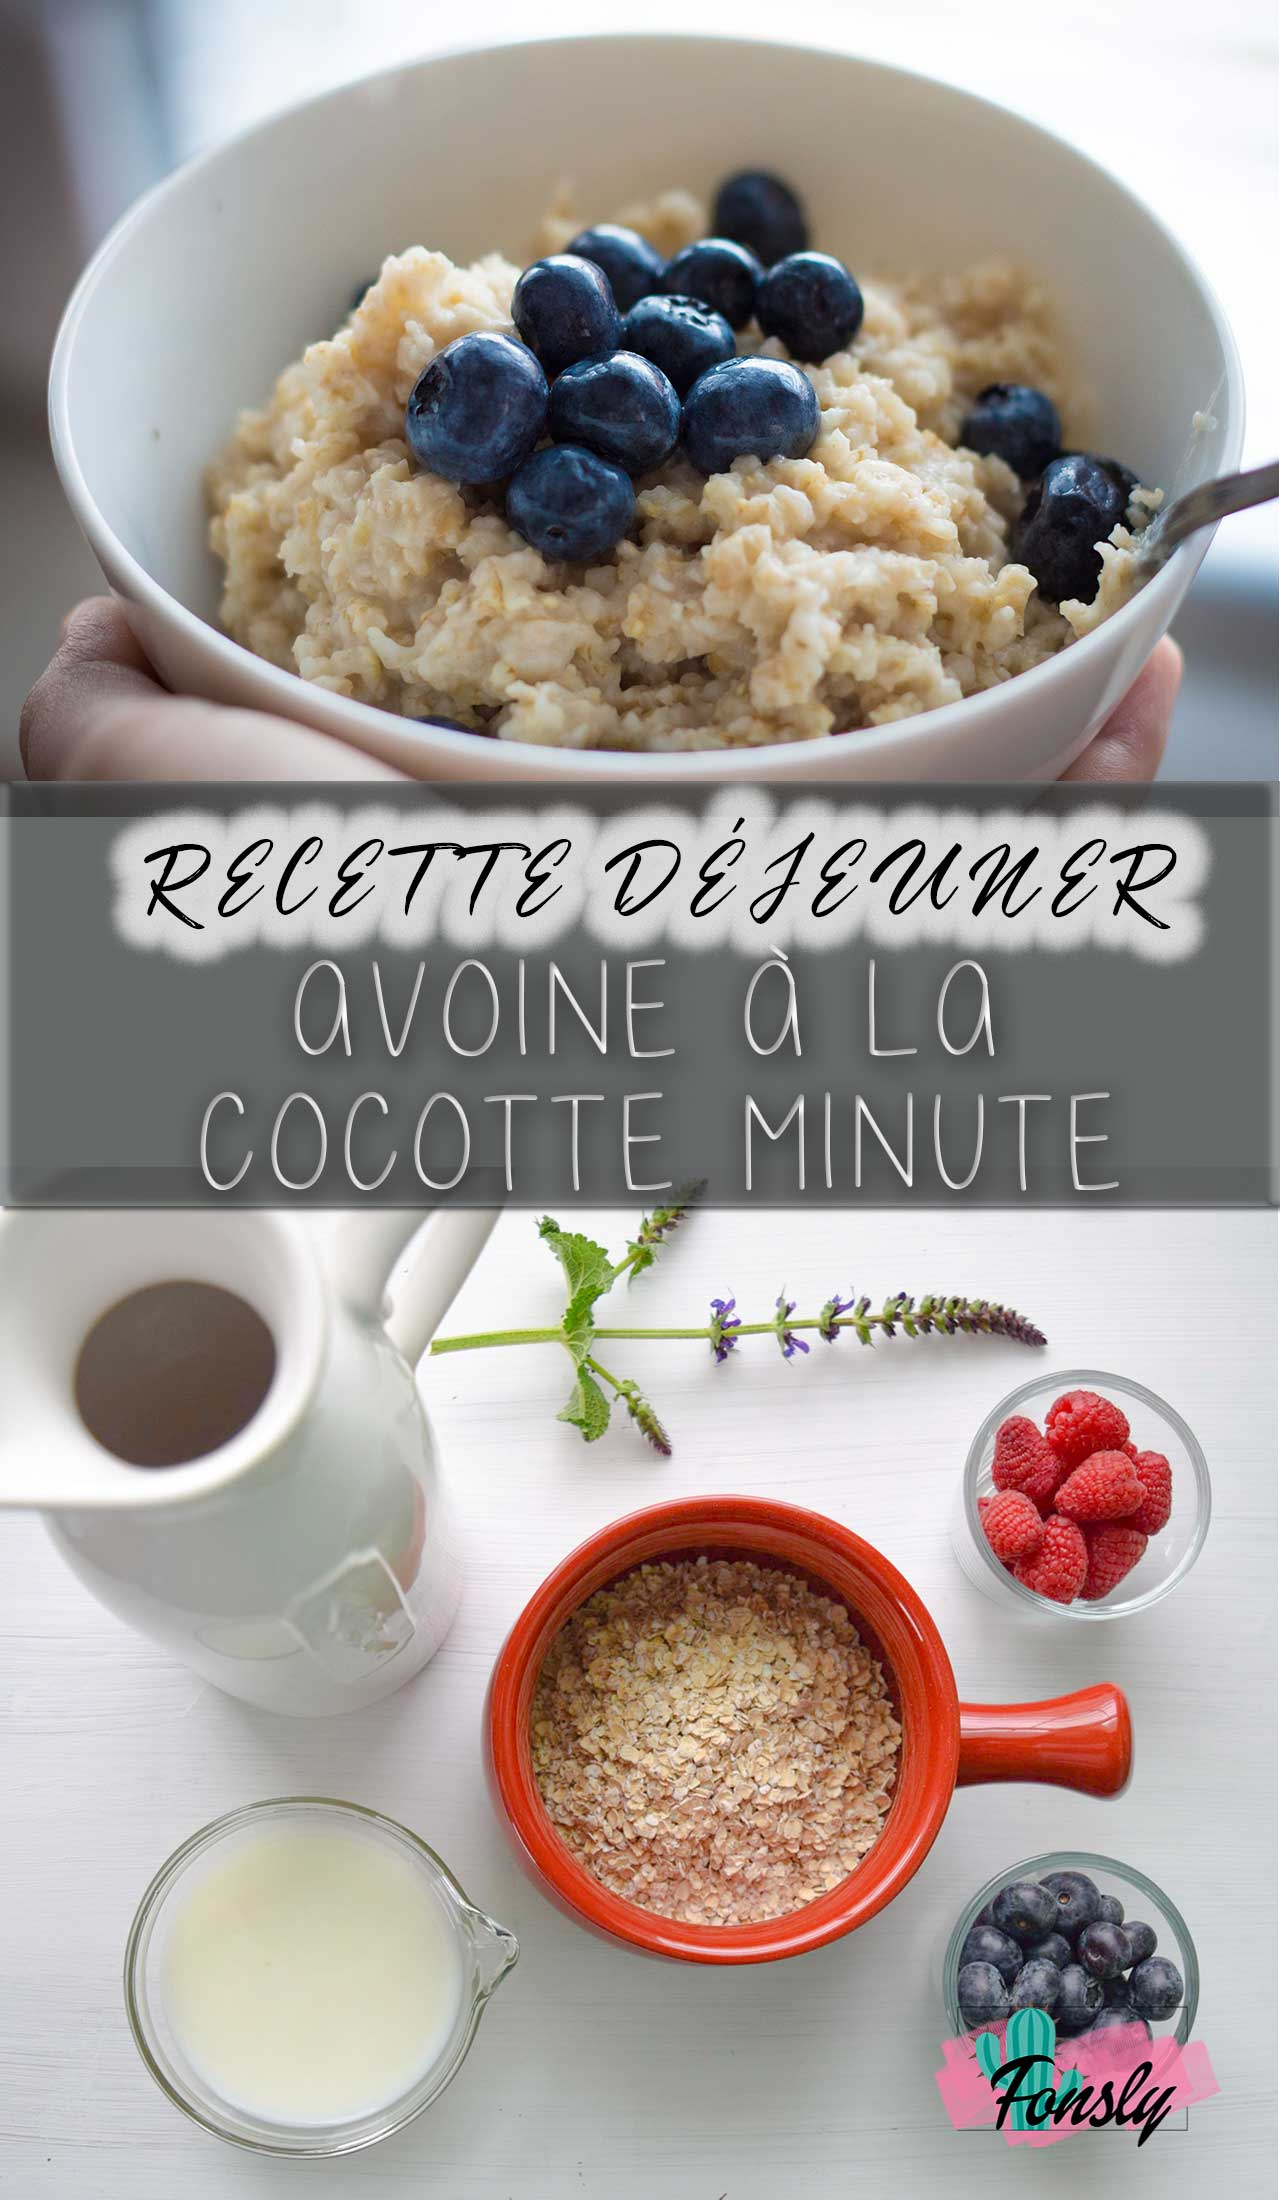 Recette petit déjeuner d'avoine, recette pour cocotte minute